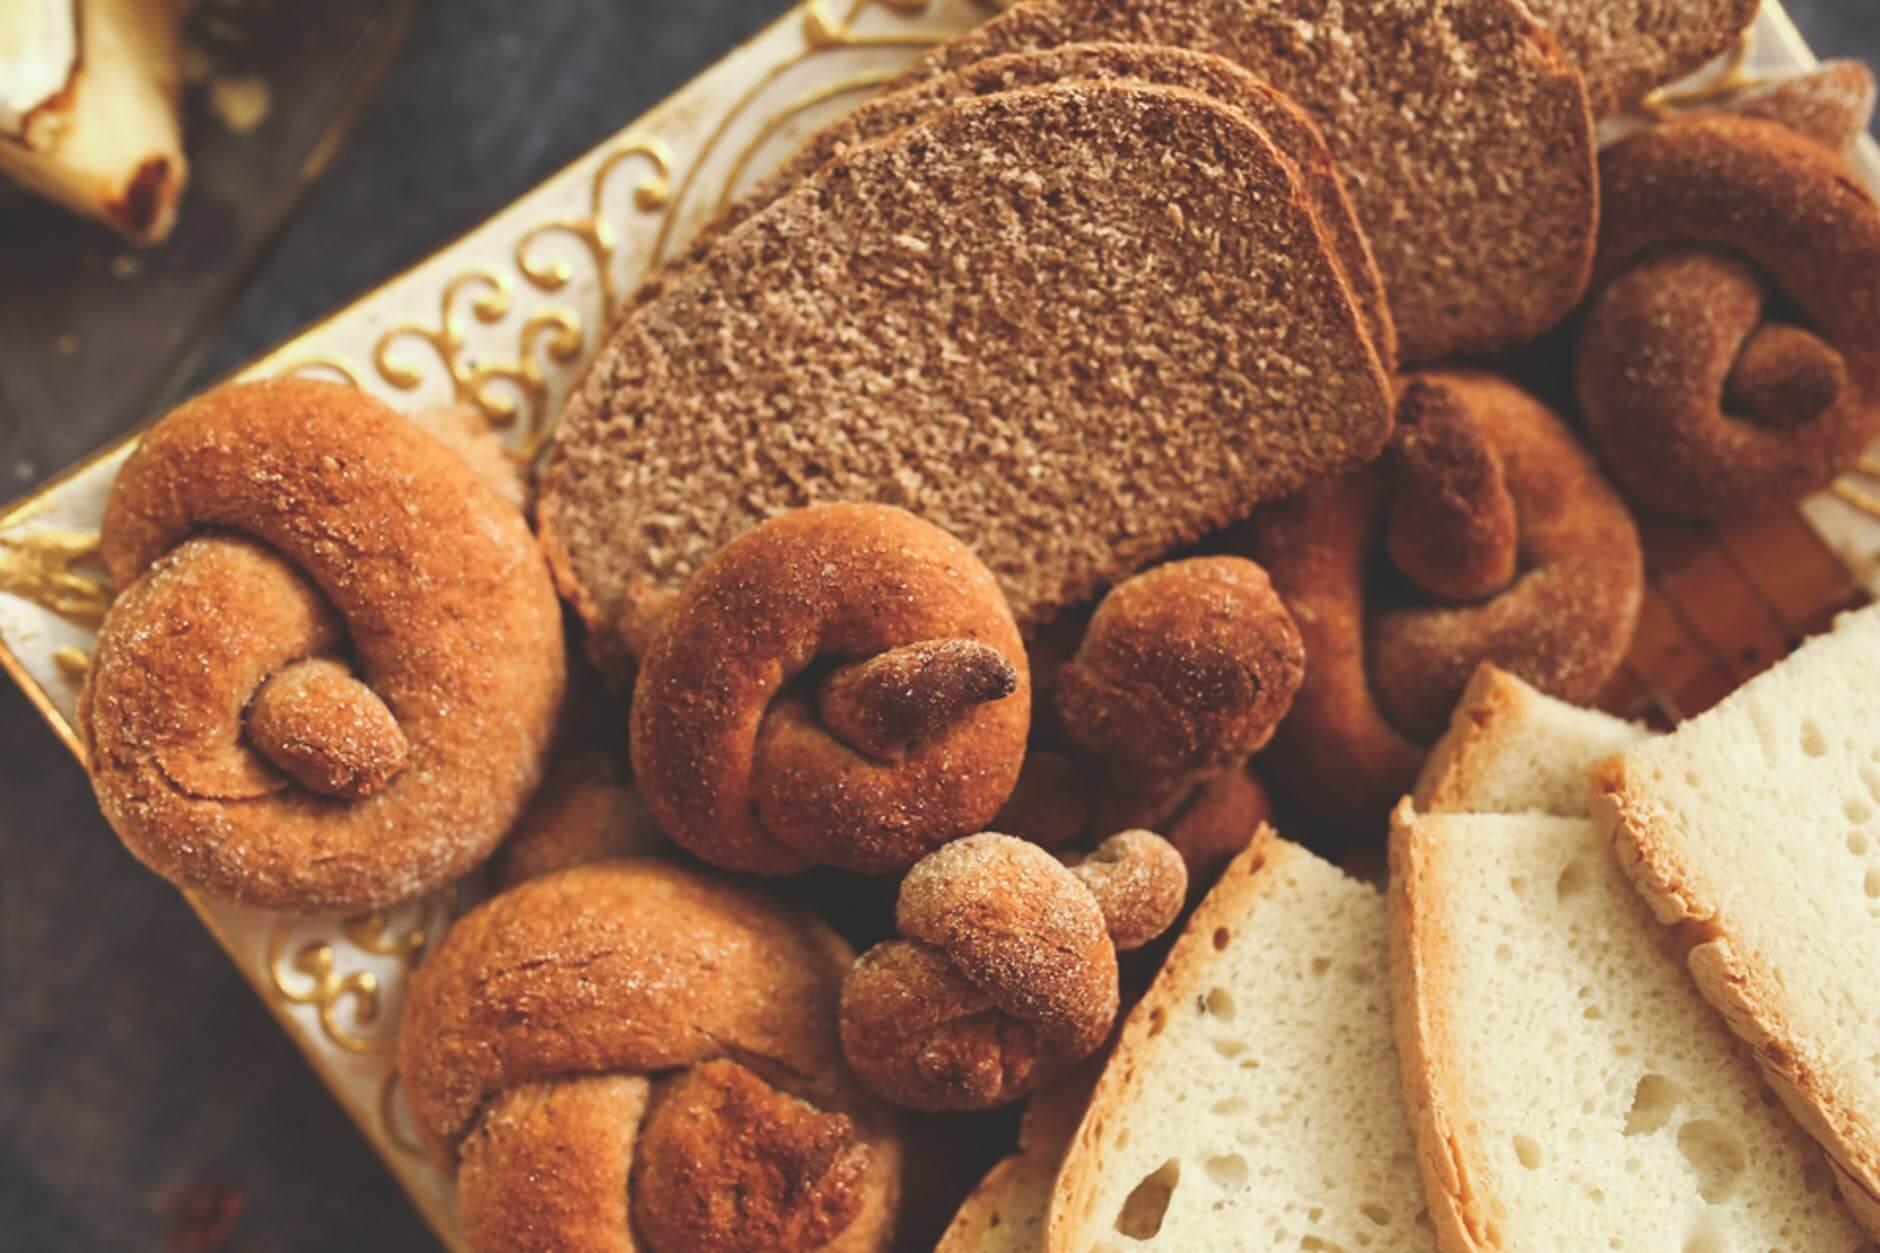 κουλούρια και ψωμί ολικής αλέσεως